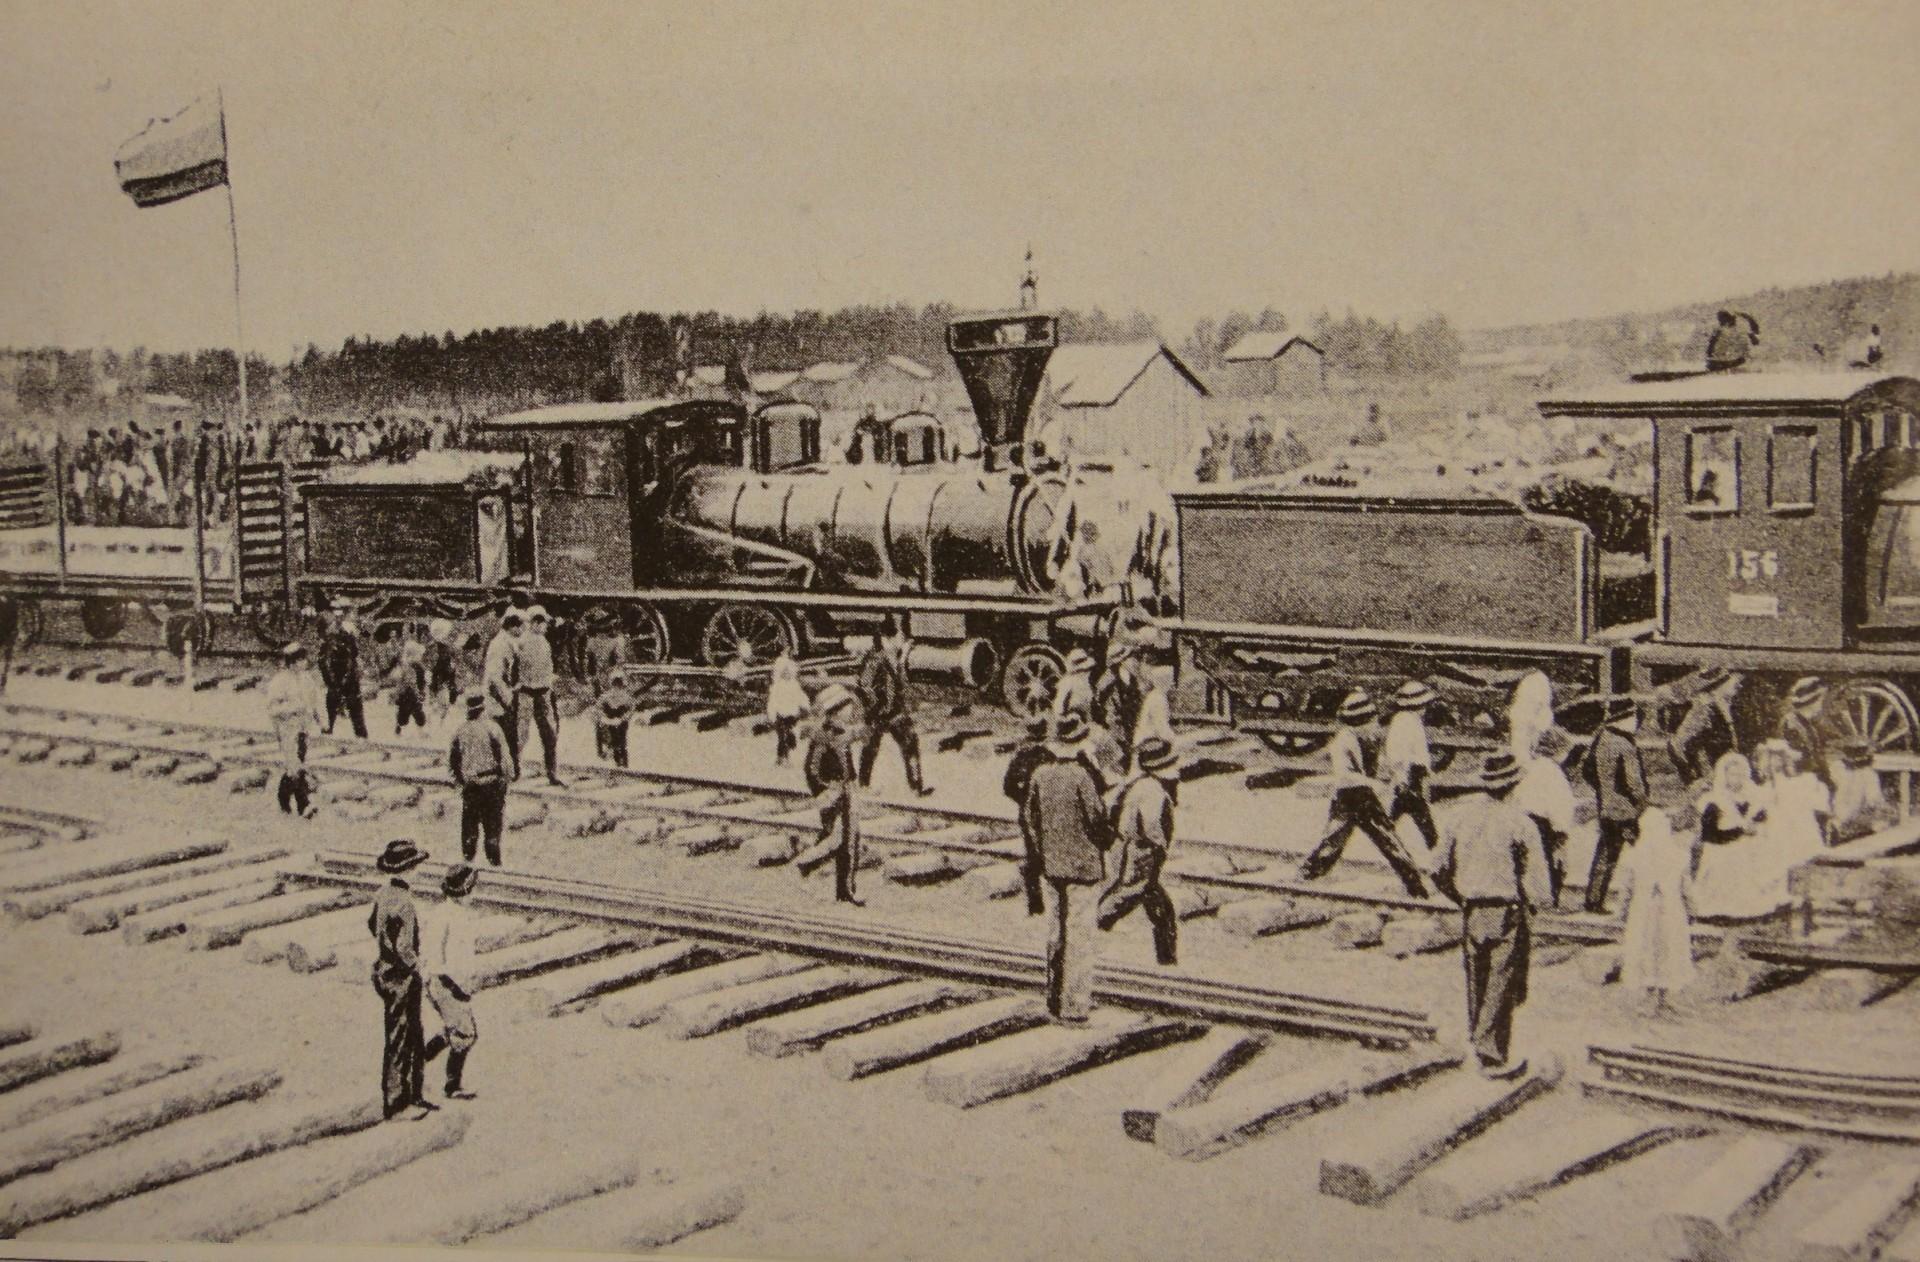 Ensimmäinen juna saapuu Kajaaniin 1904.